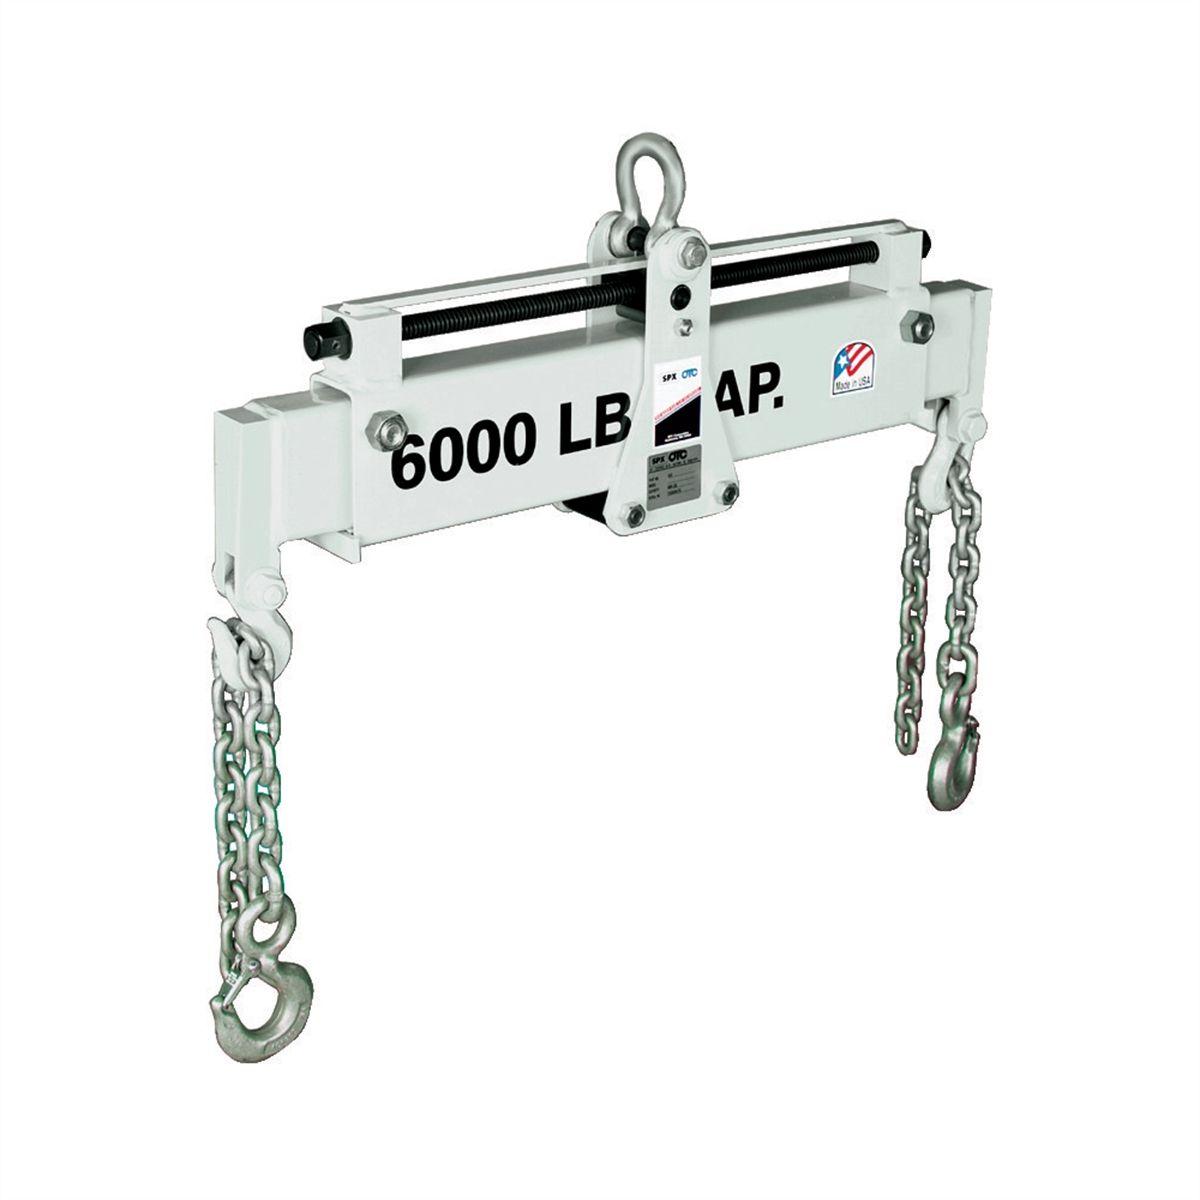 Otc Lb Load Rotor With Chains Otc Ot